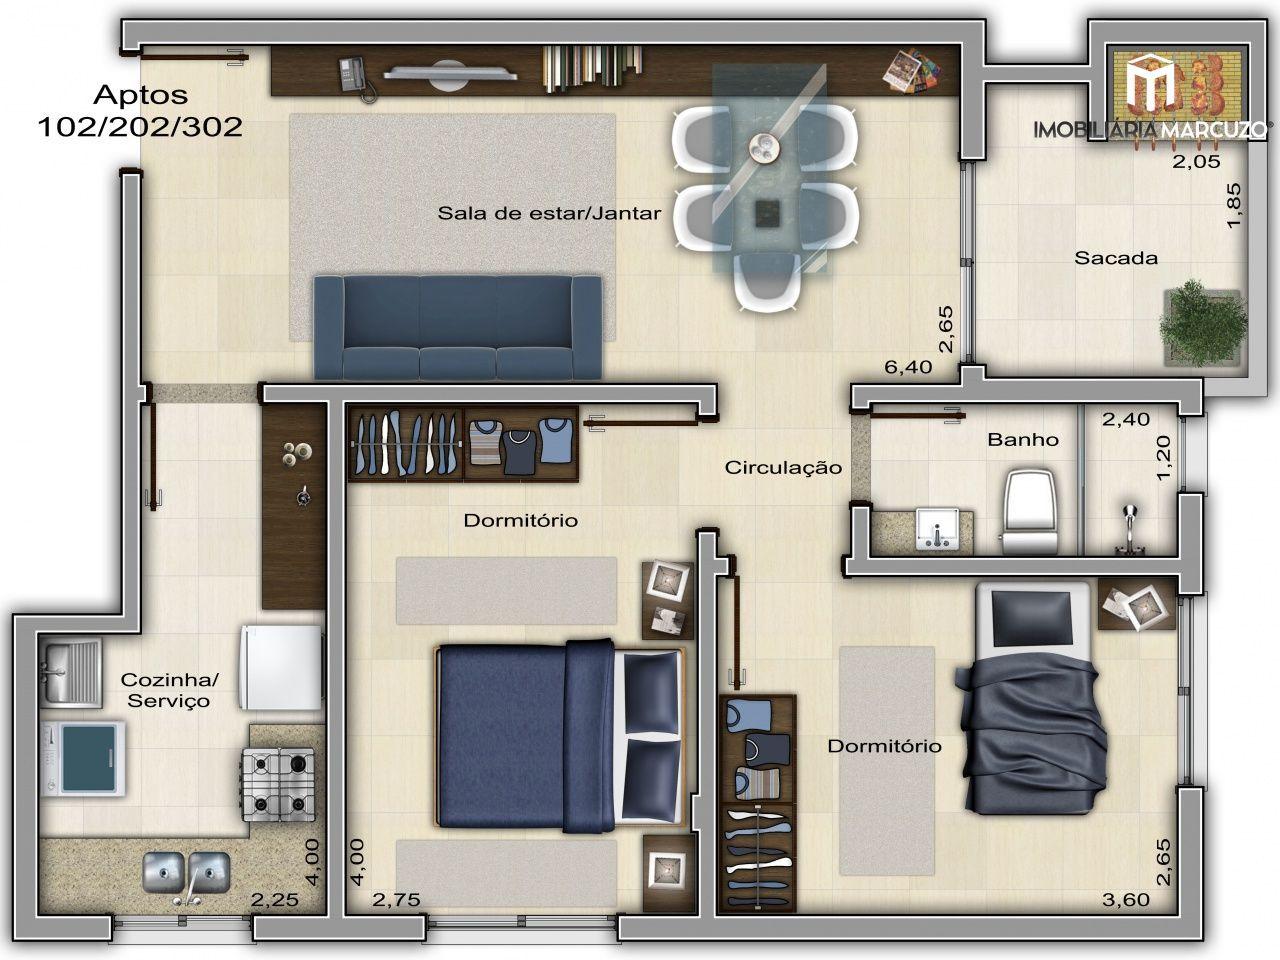 Apartamento com 2 Dormitórios à venda, 78 m² por R$ 165.000,00